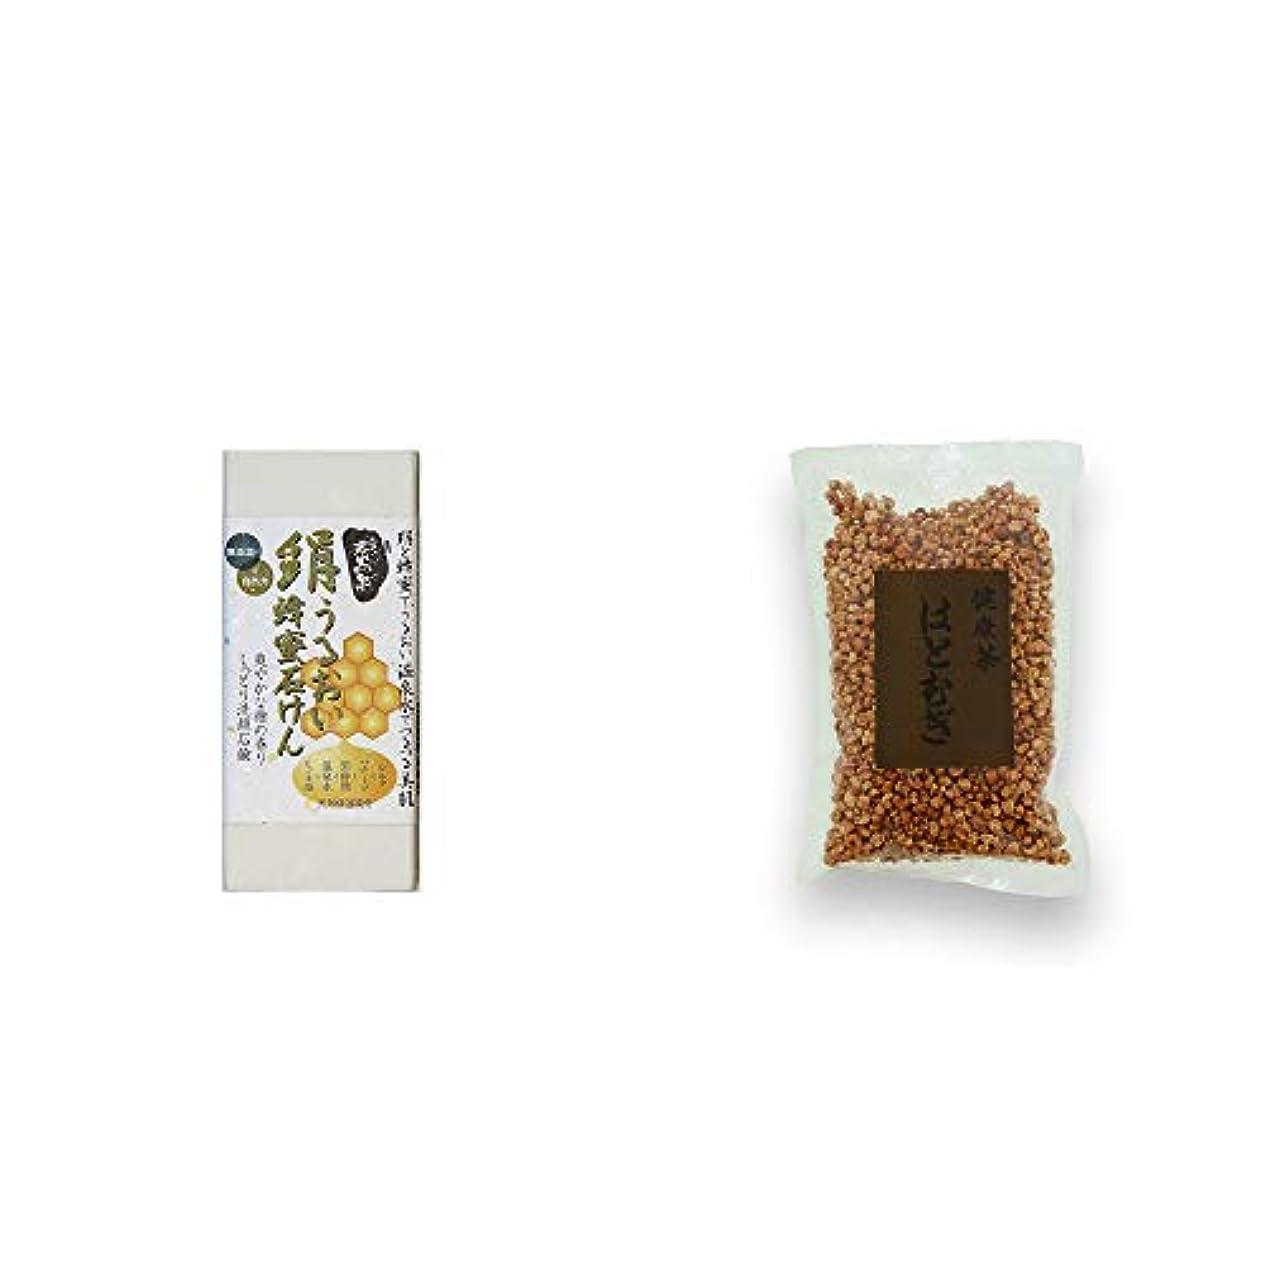 漏れ十一顕著[2点セット] ひのき炭黒泉 絹うるおい蜂蜜石けん(75g×2)?健康茶 はとむぎ(200g)